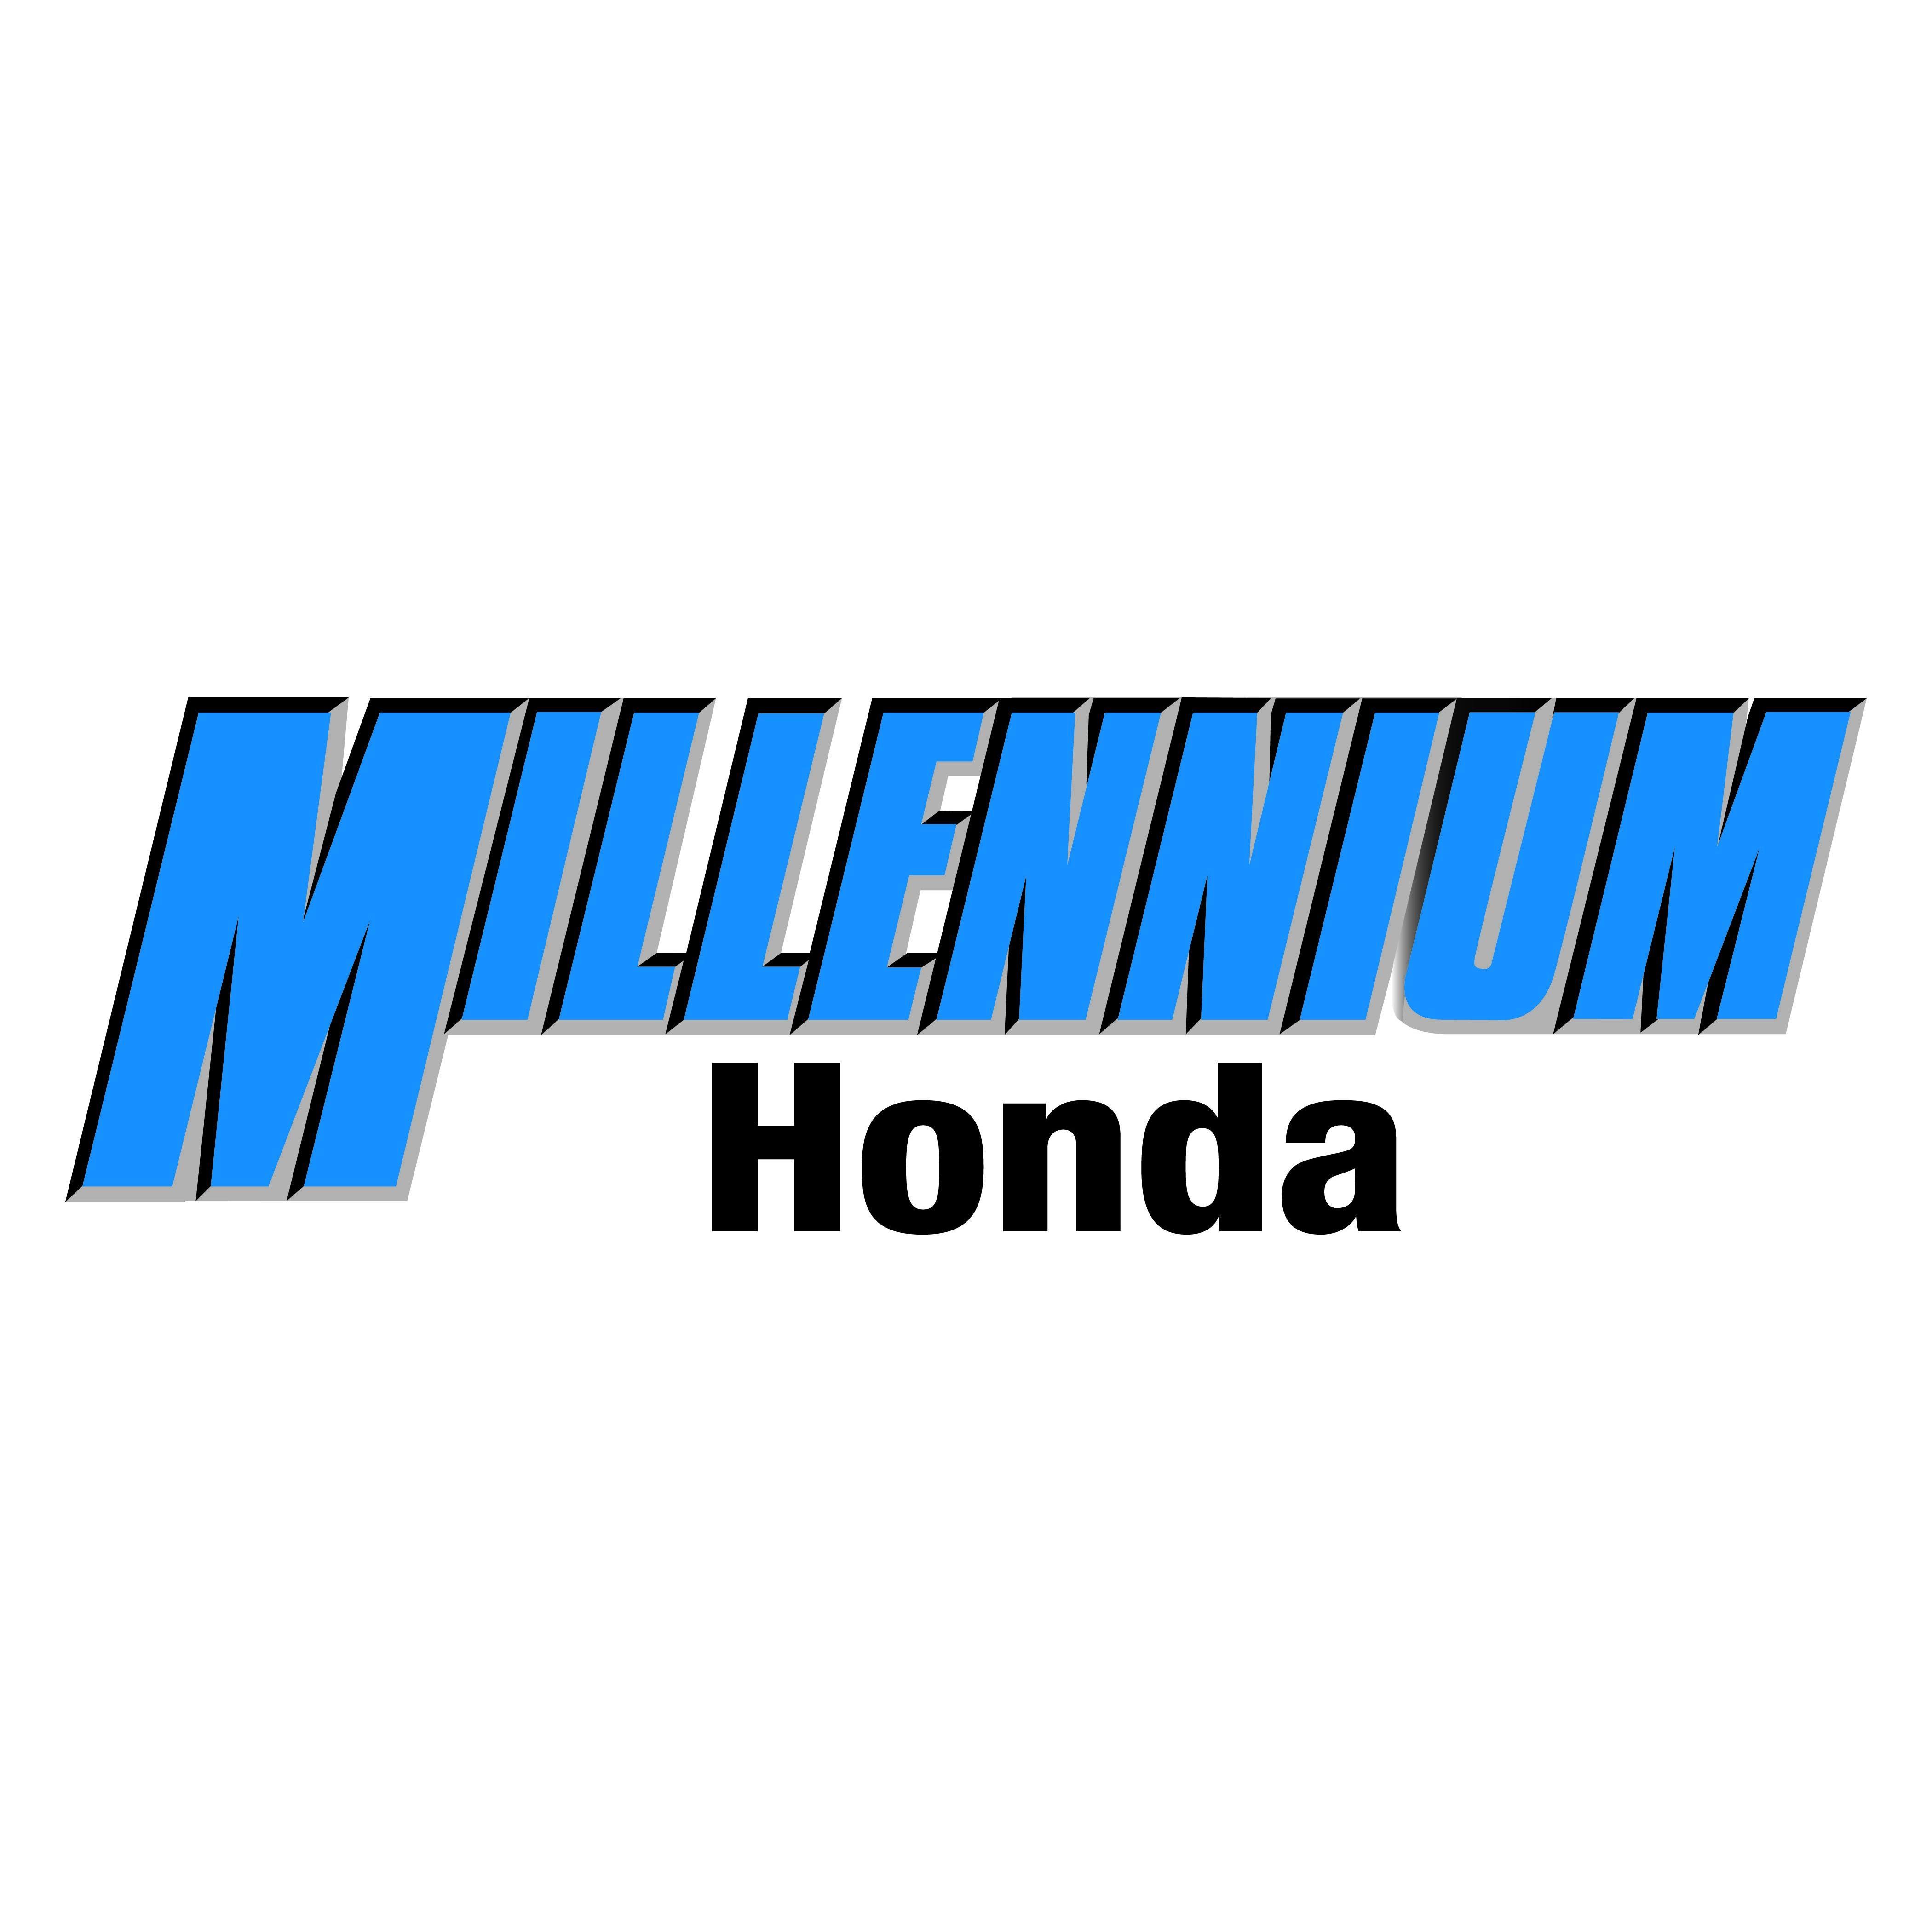 Millennium Honda